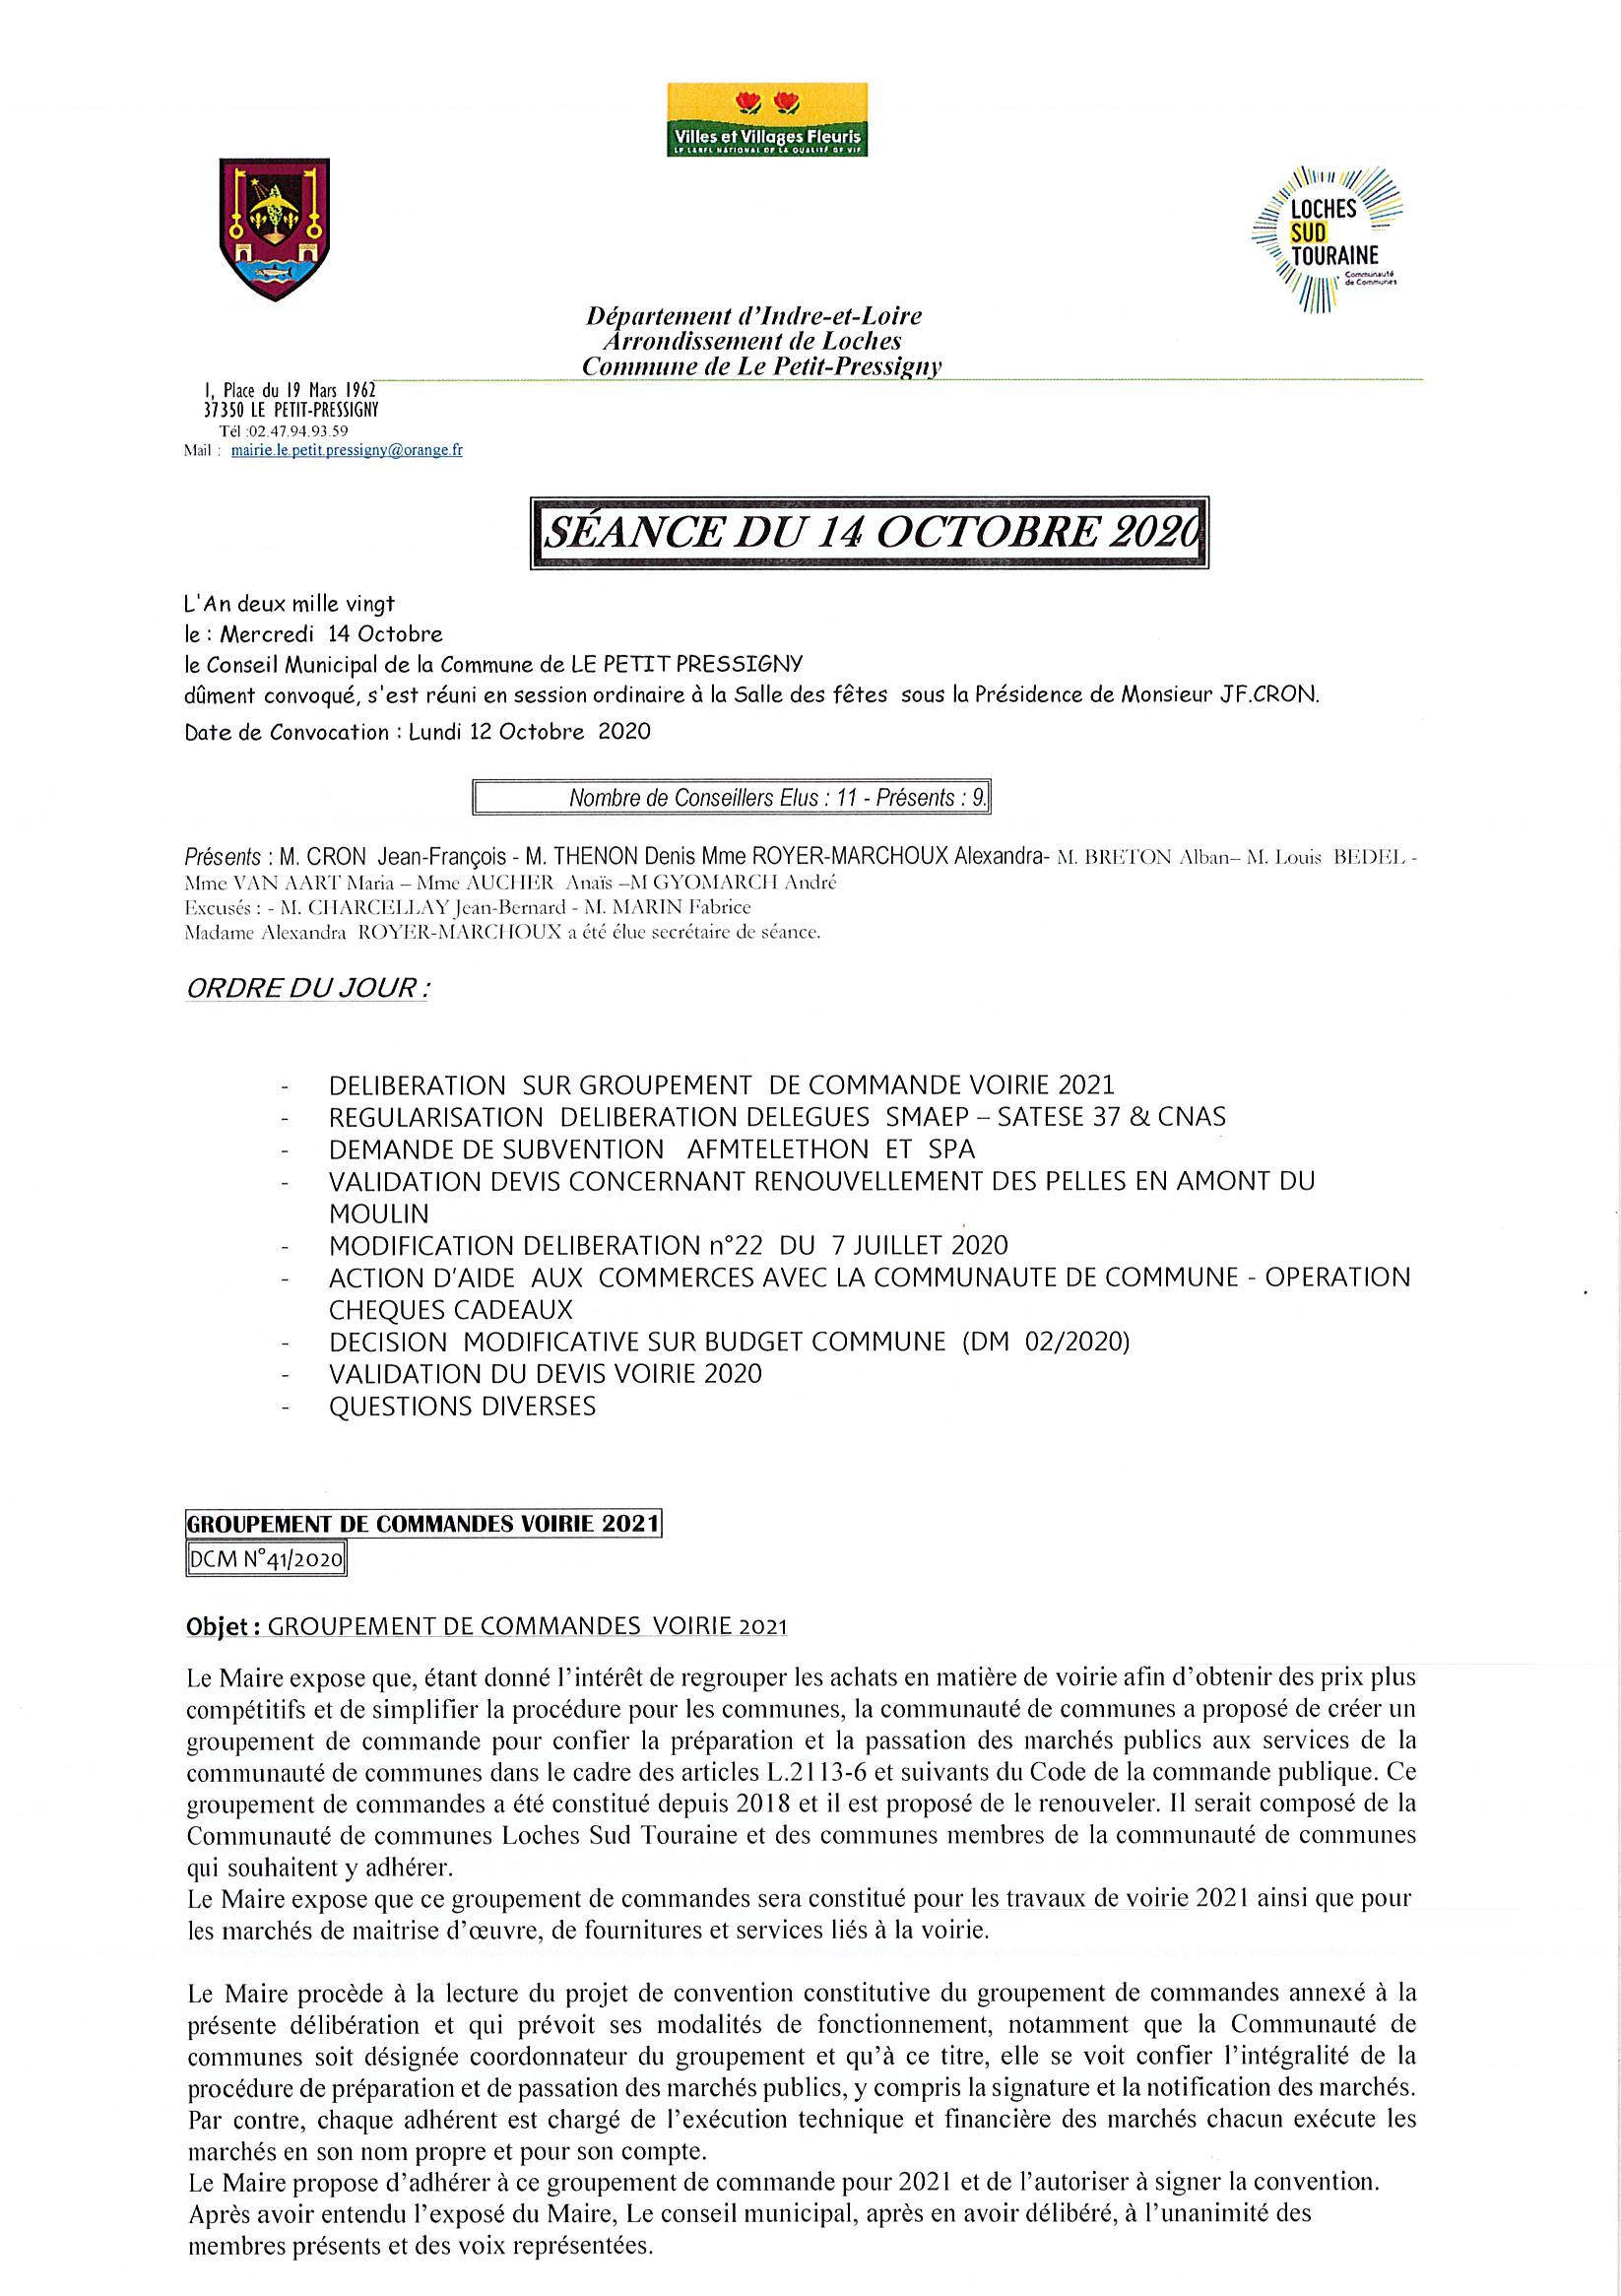 accueil/doc101120-10112020121830-0037.jpg